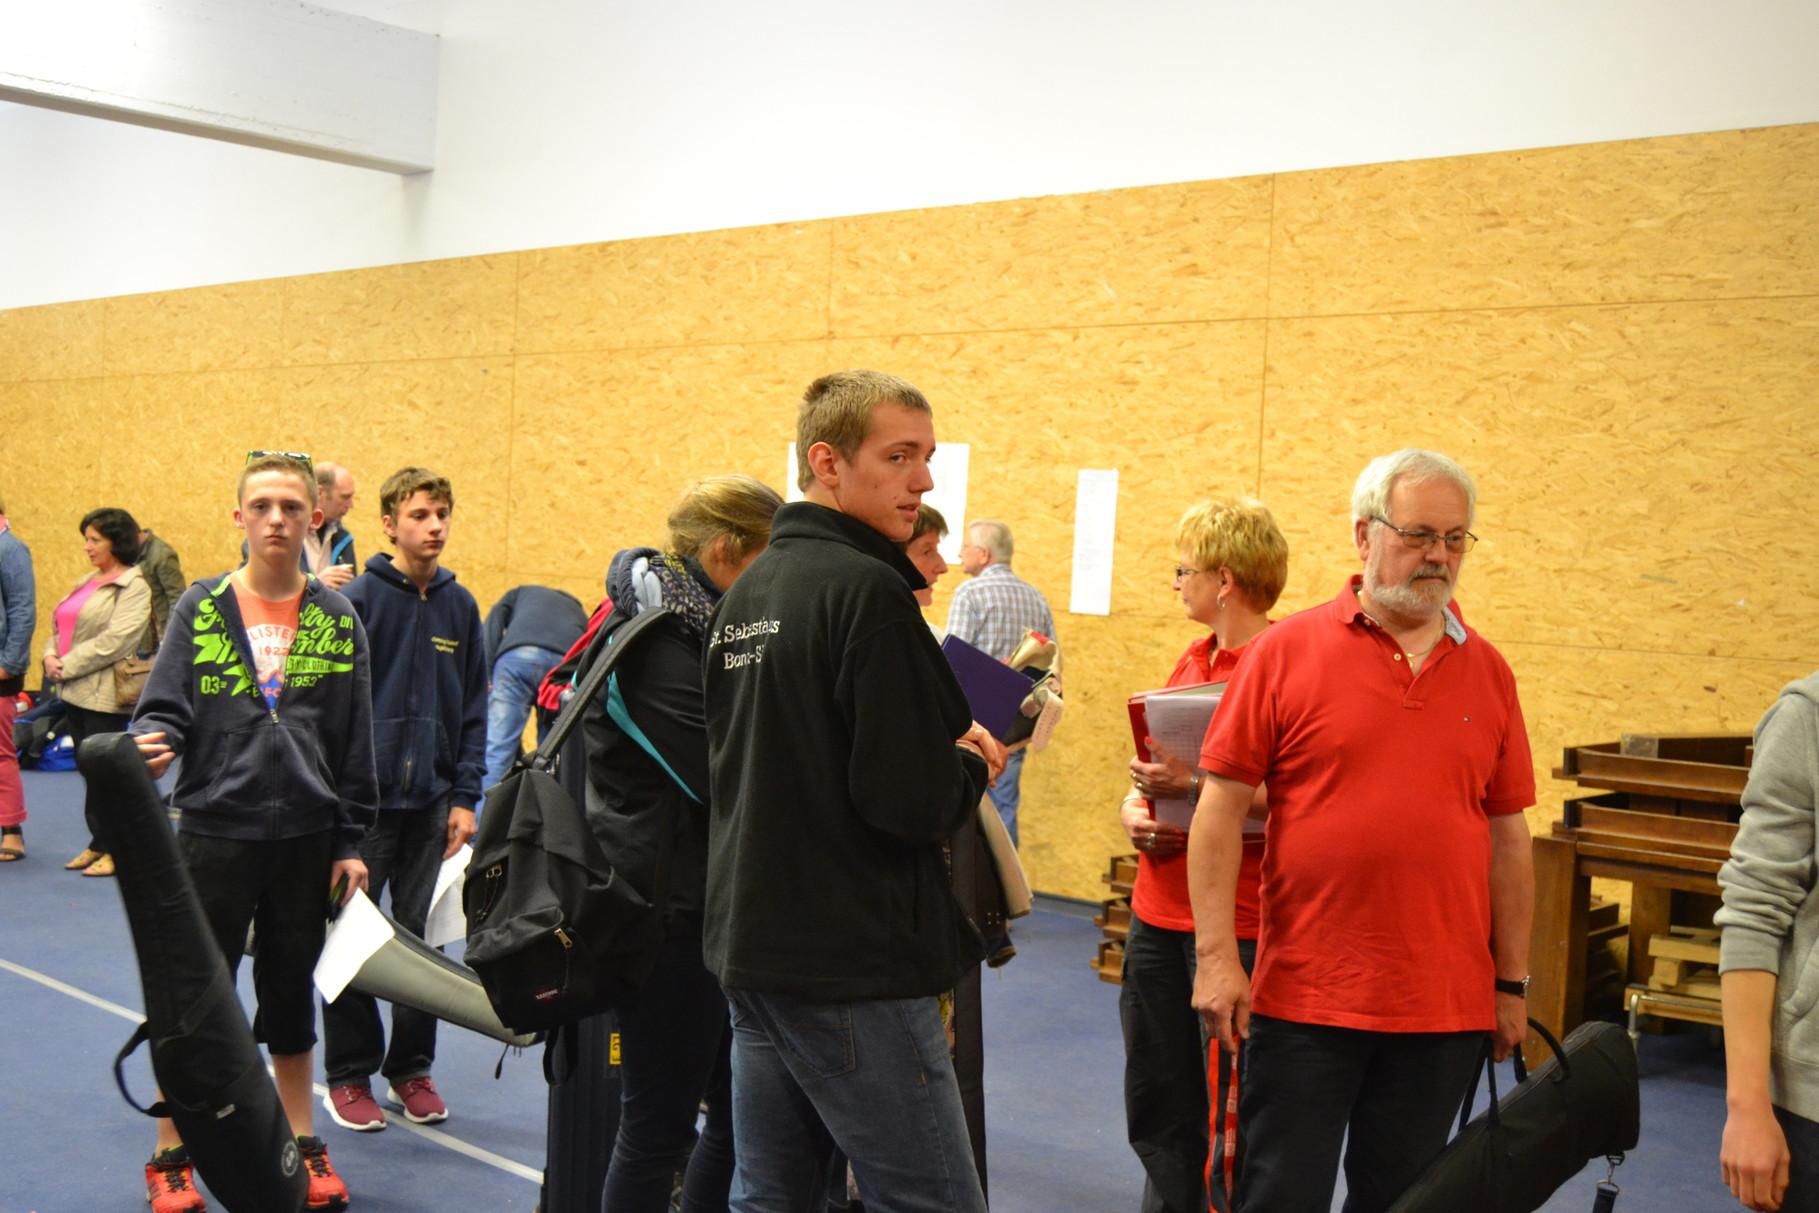 Auch unsere Nachbarn aus Bonn-Süd waren da, als die Jugendklassen ihre Landesmeister mit dem Luftgewehr ermittelten.